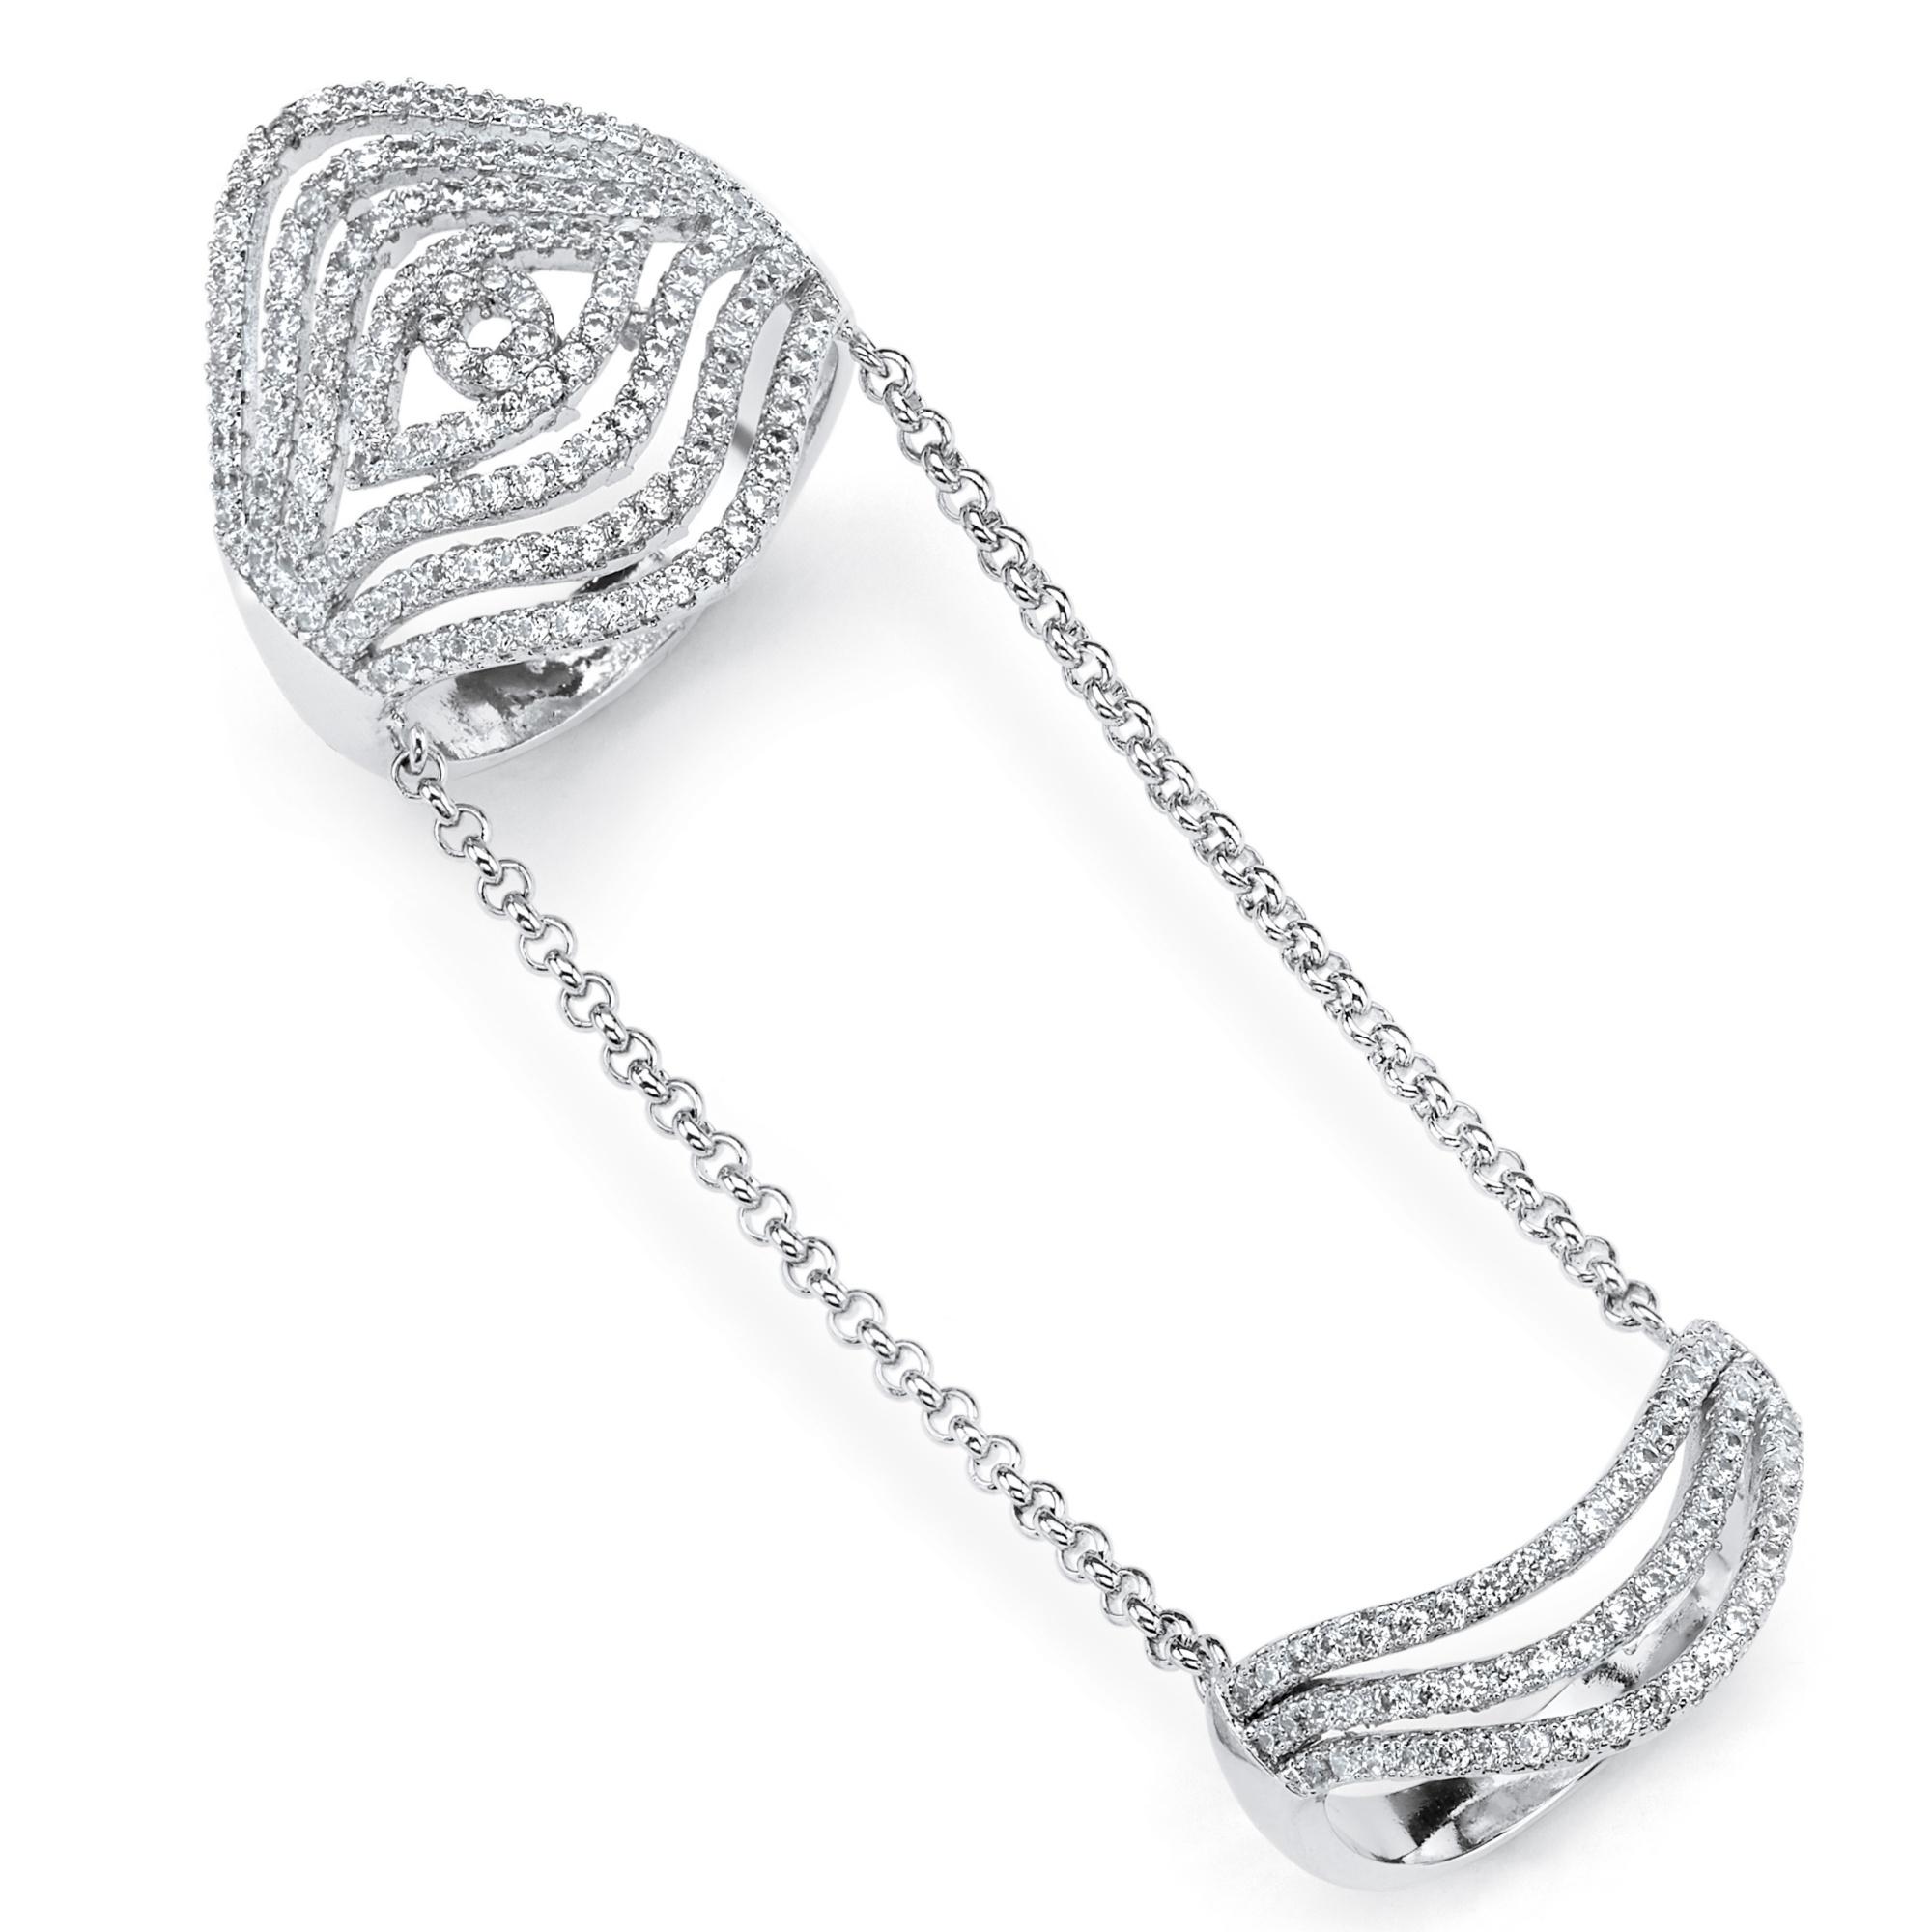 Diamond Multi Row Knuckle Ring